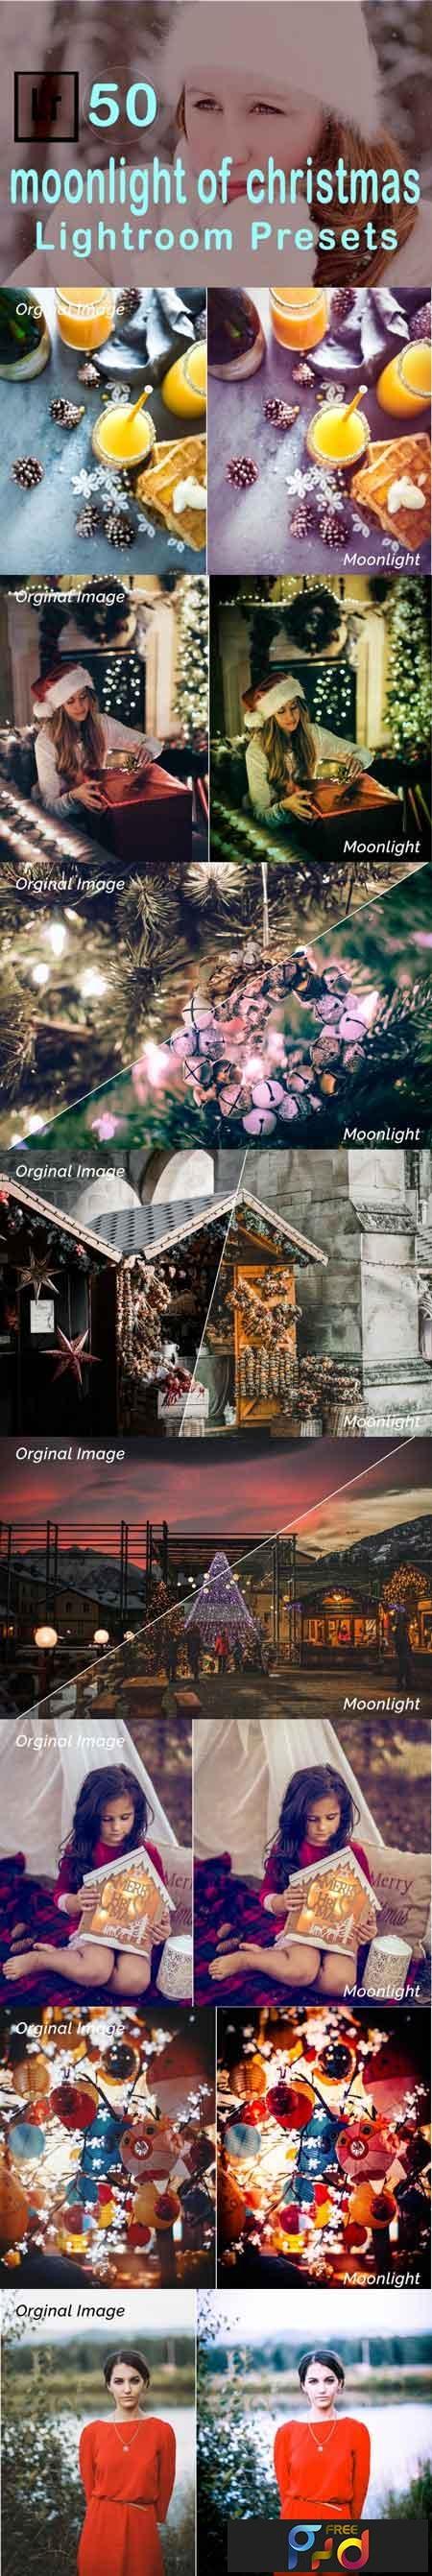 Moonlight of Christmas Lightroom Presets 3506493 1